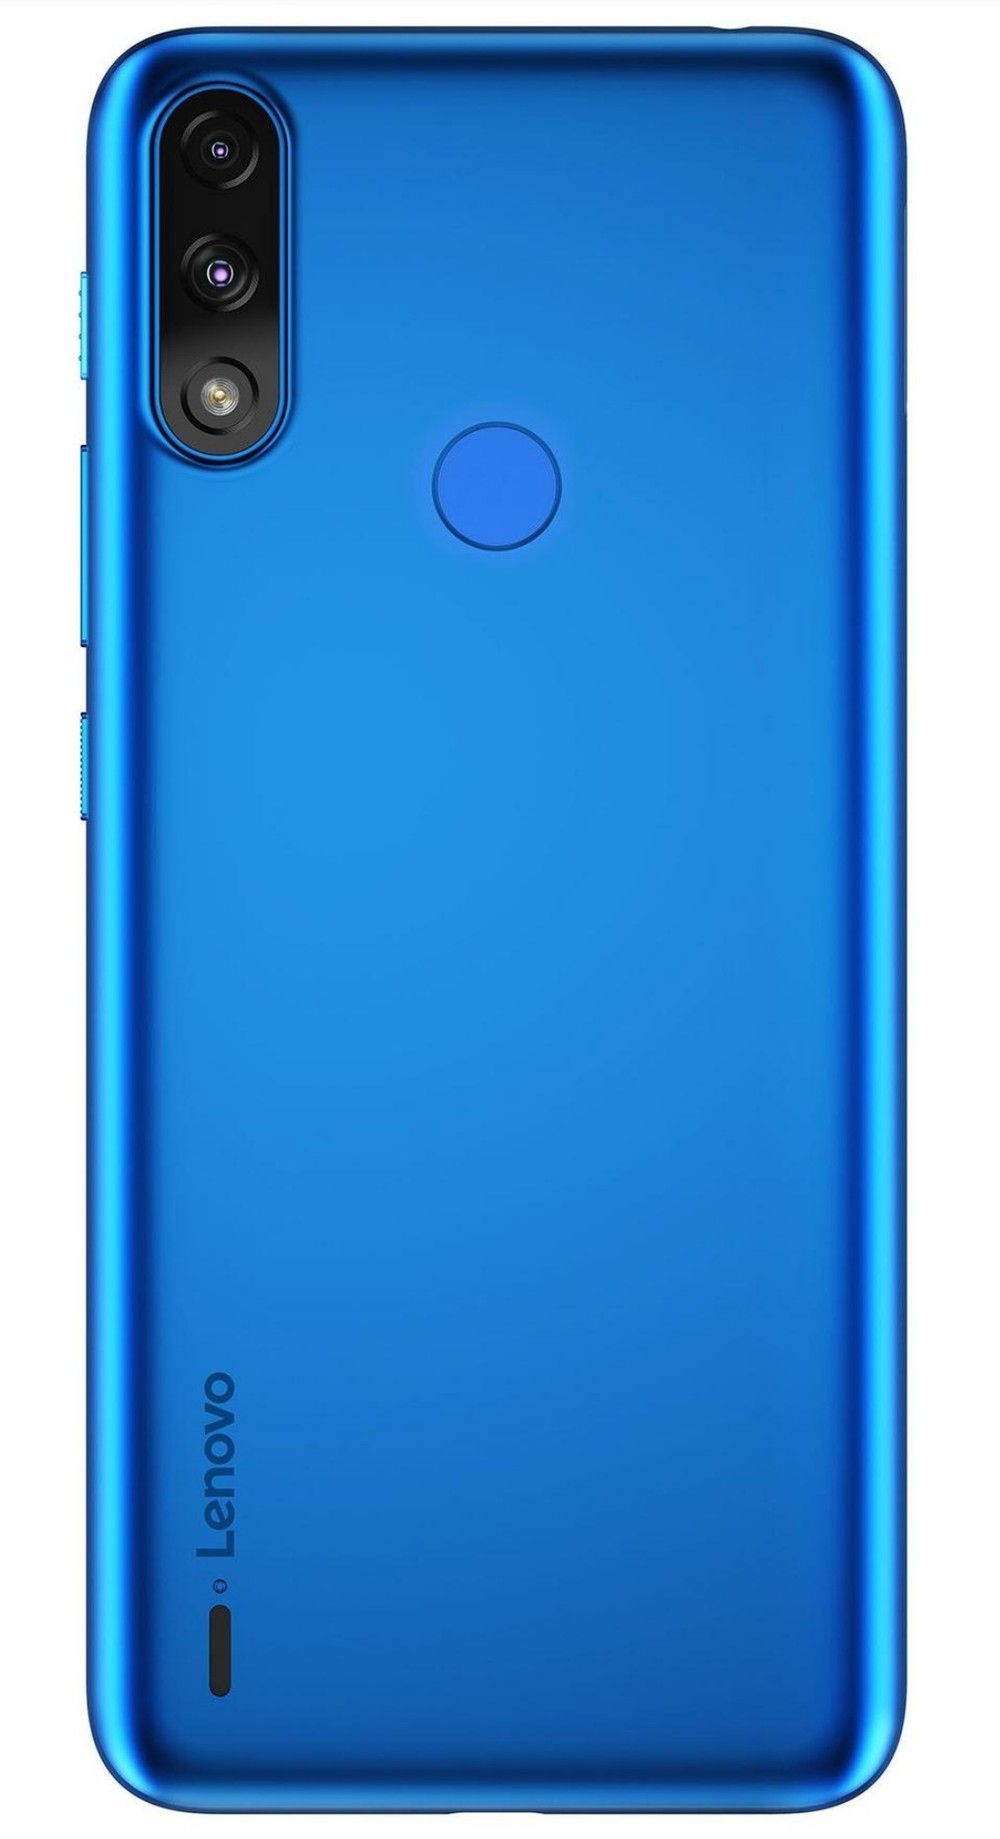 K13 modrý 2 1000x1839x